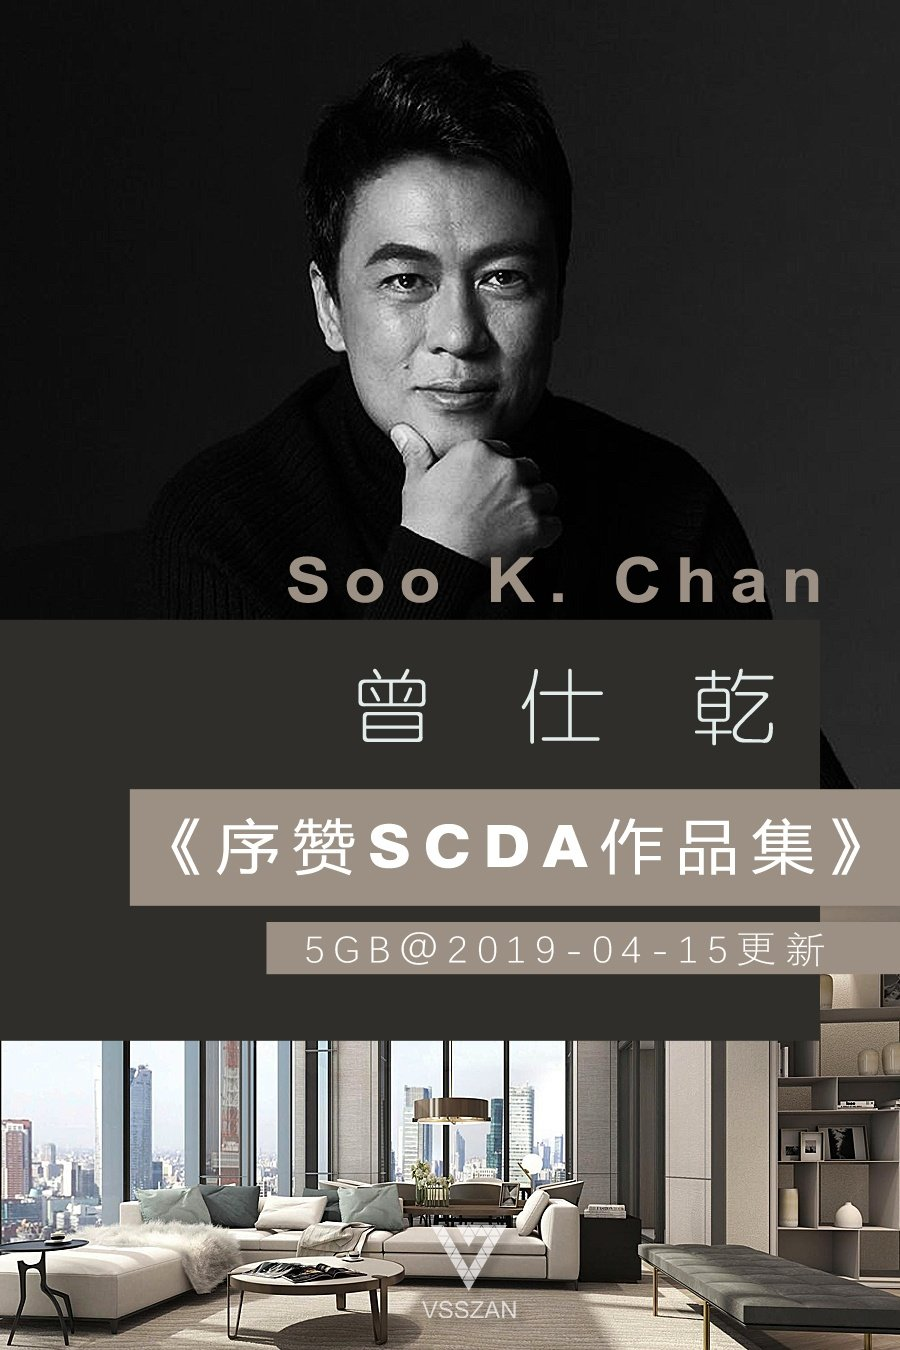 《序赞SCDA曾仕乾作品集》5GB@20190415